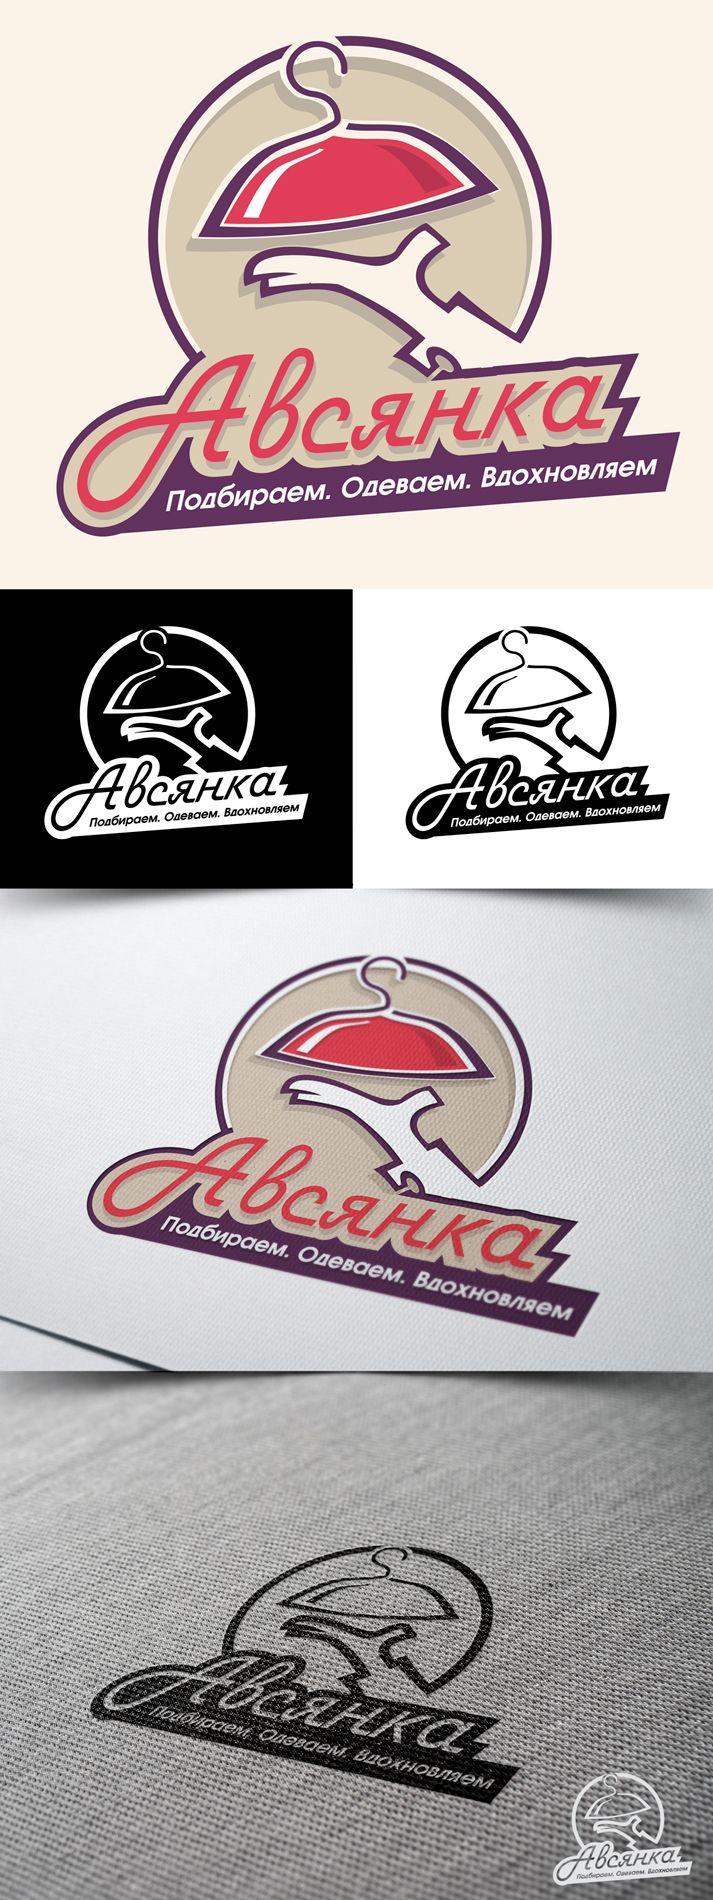 Лого и фирм. стиль для услуг стилистов - дизайнер Enrik